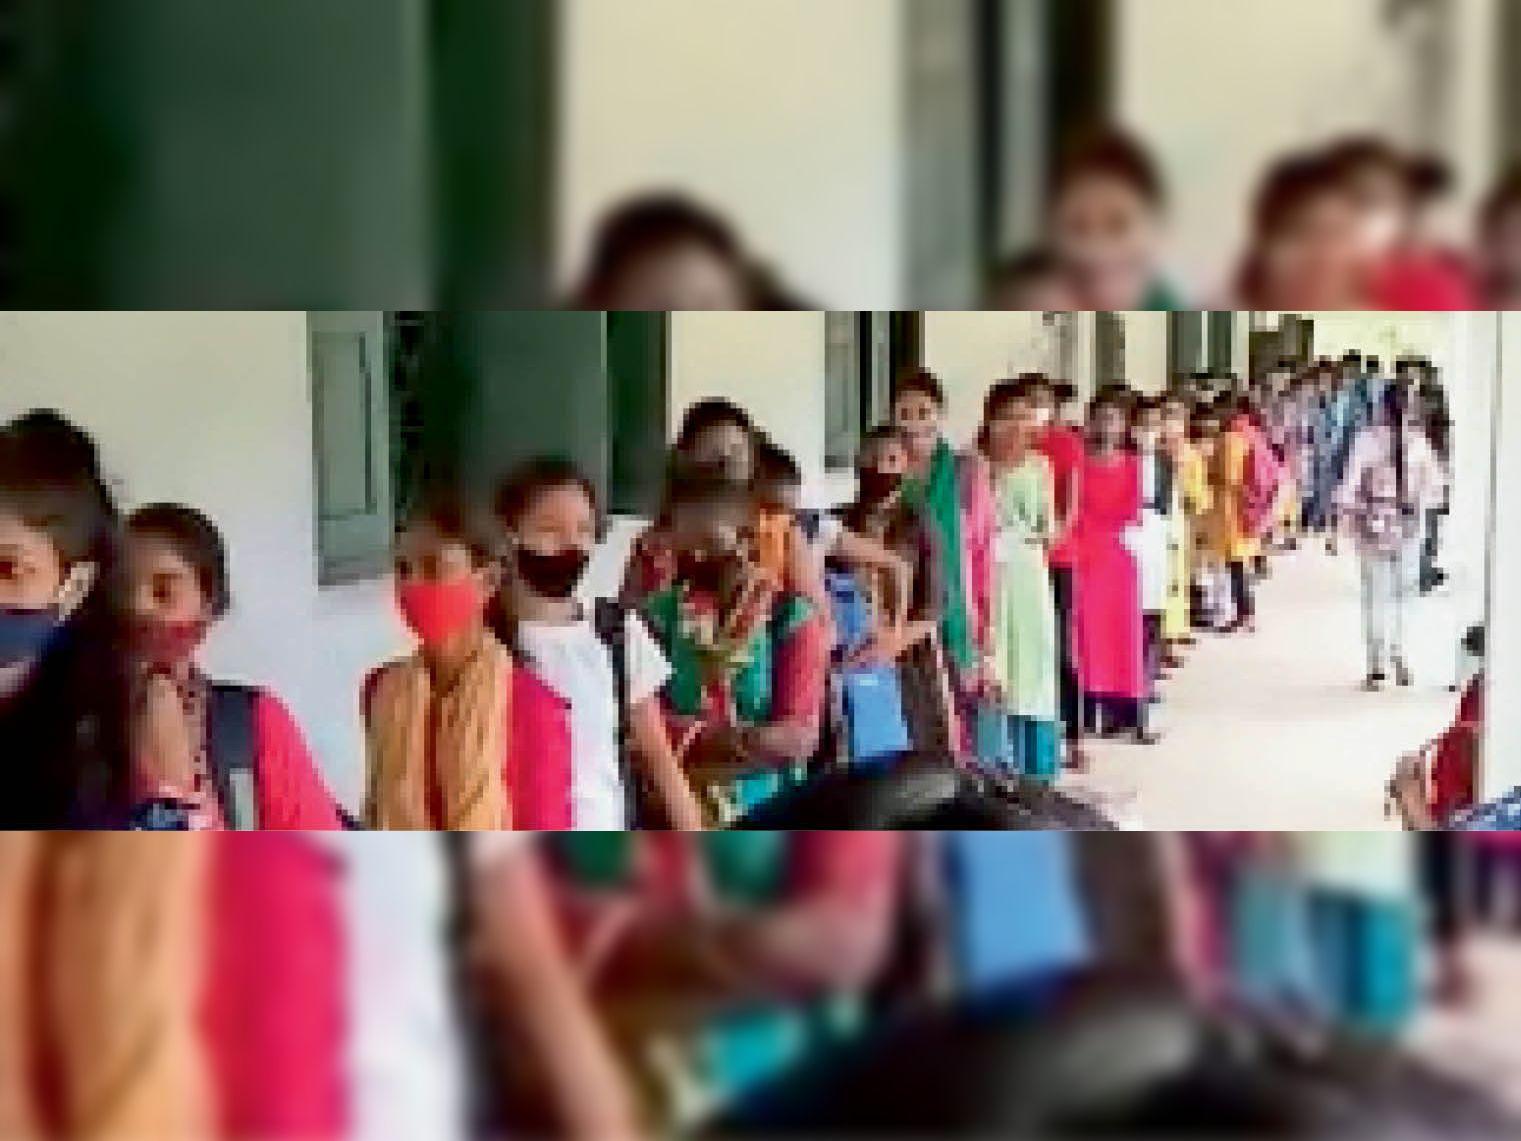 घाटशिला कॉलेज में वैक्सीन लेने के लिए अपनी बारी का इंतजार करतीं छात्राएं। - Dainik Bhaskar